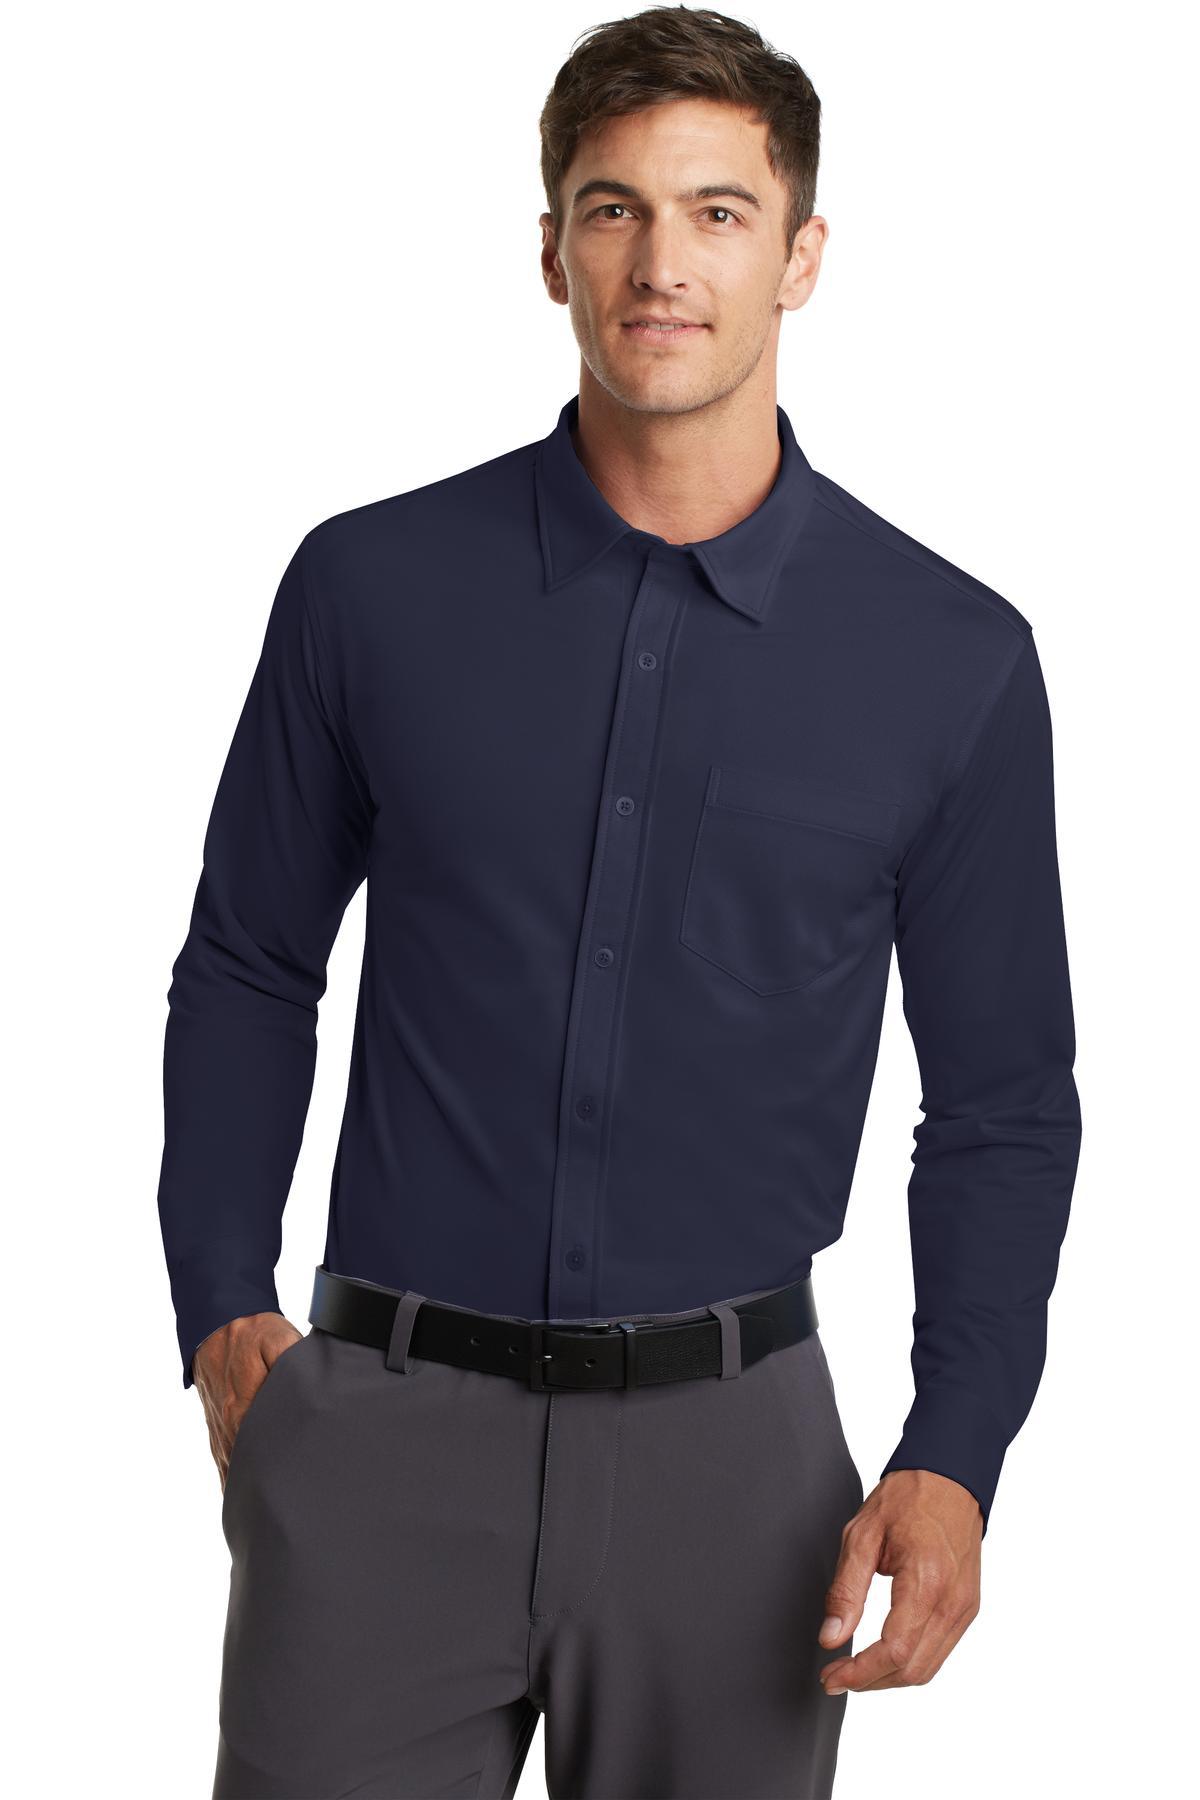 Navy Dress Shirt